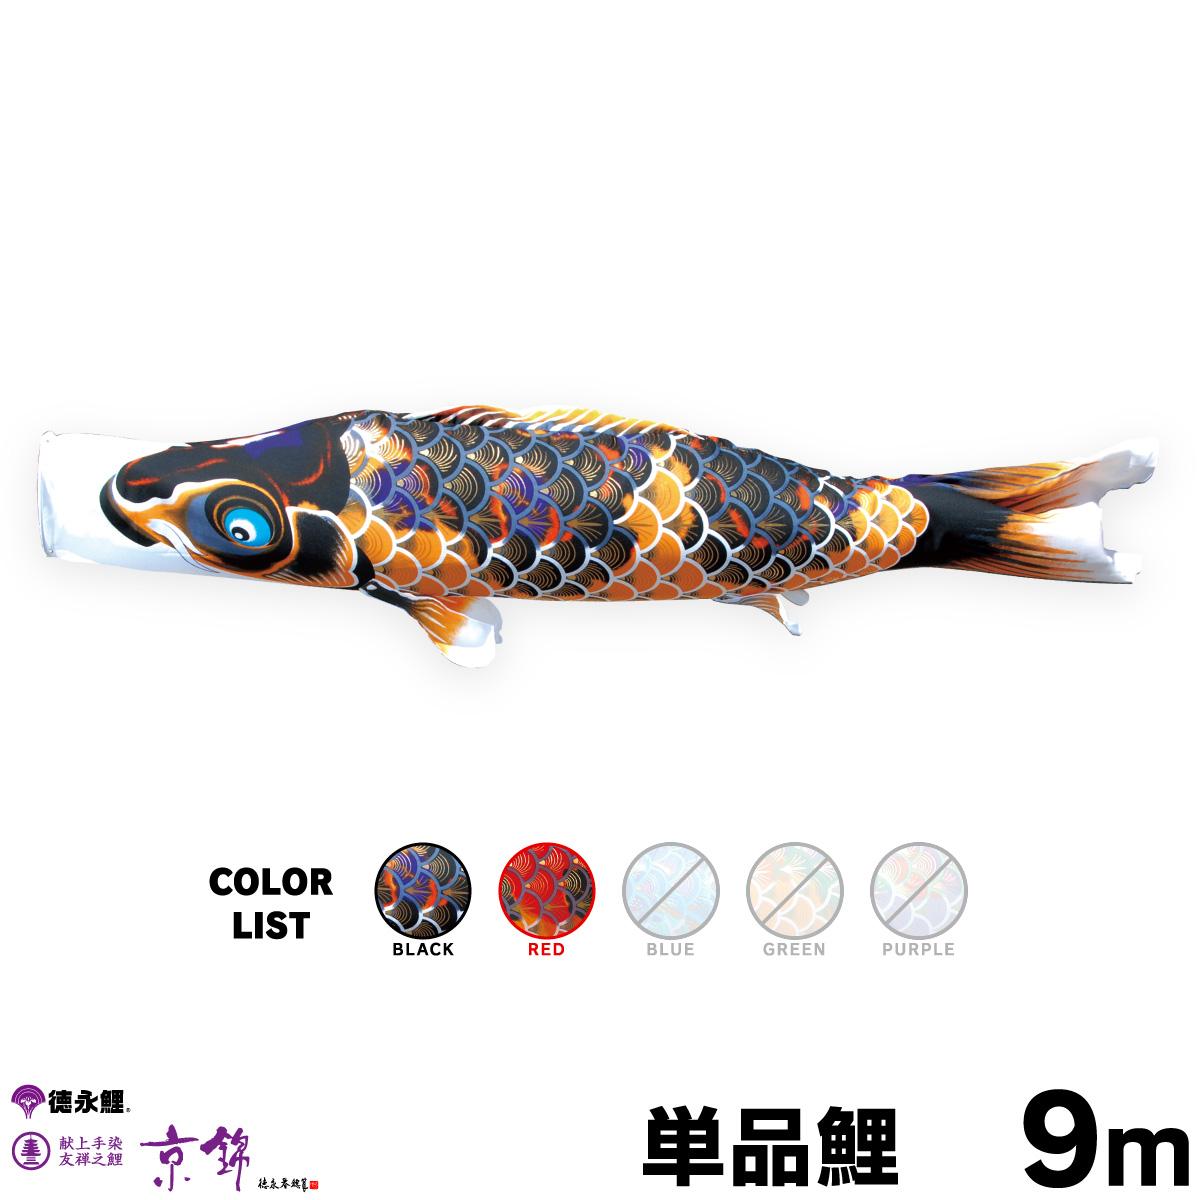 【こいのぼり 単品】 京錦 9m 単品鯉 黒 赤